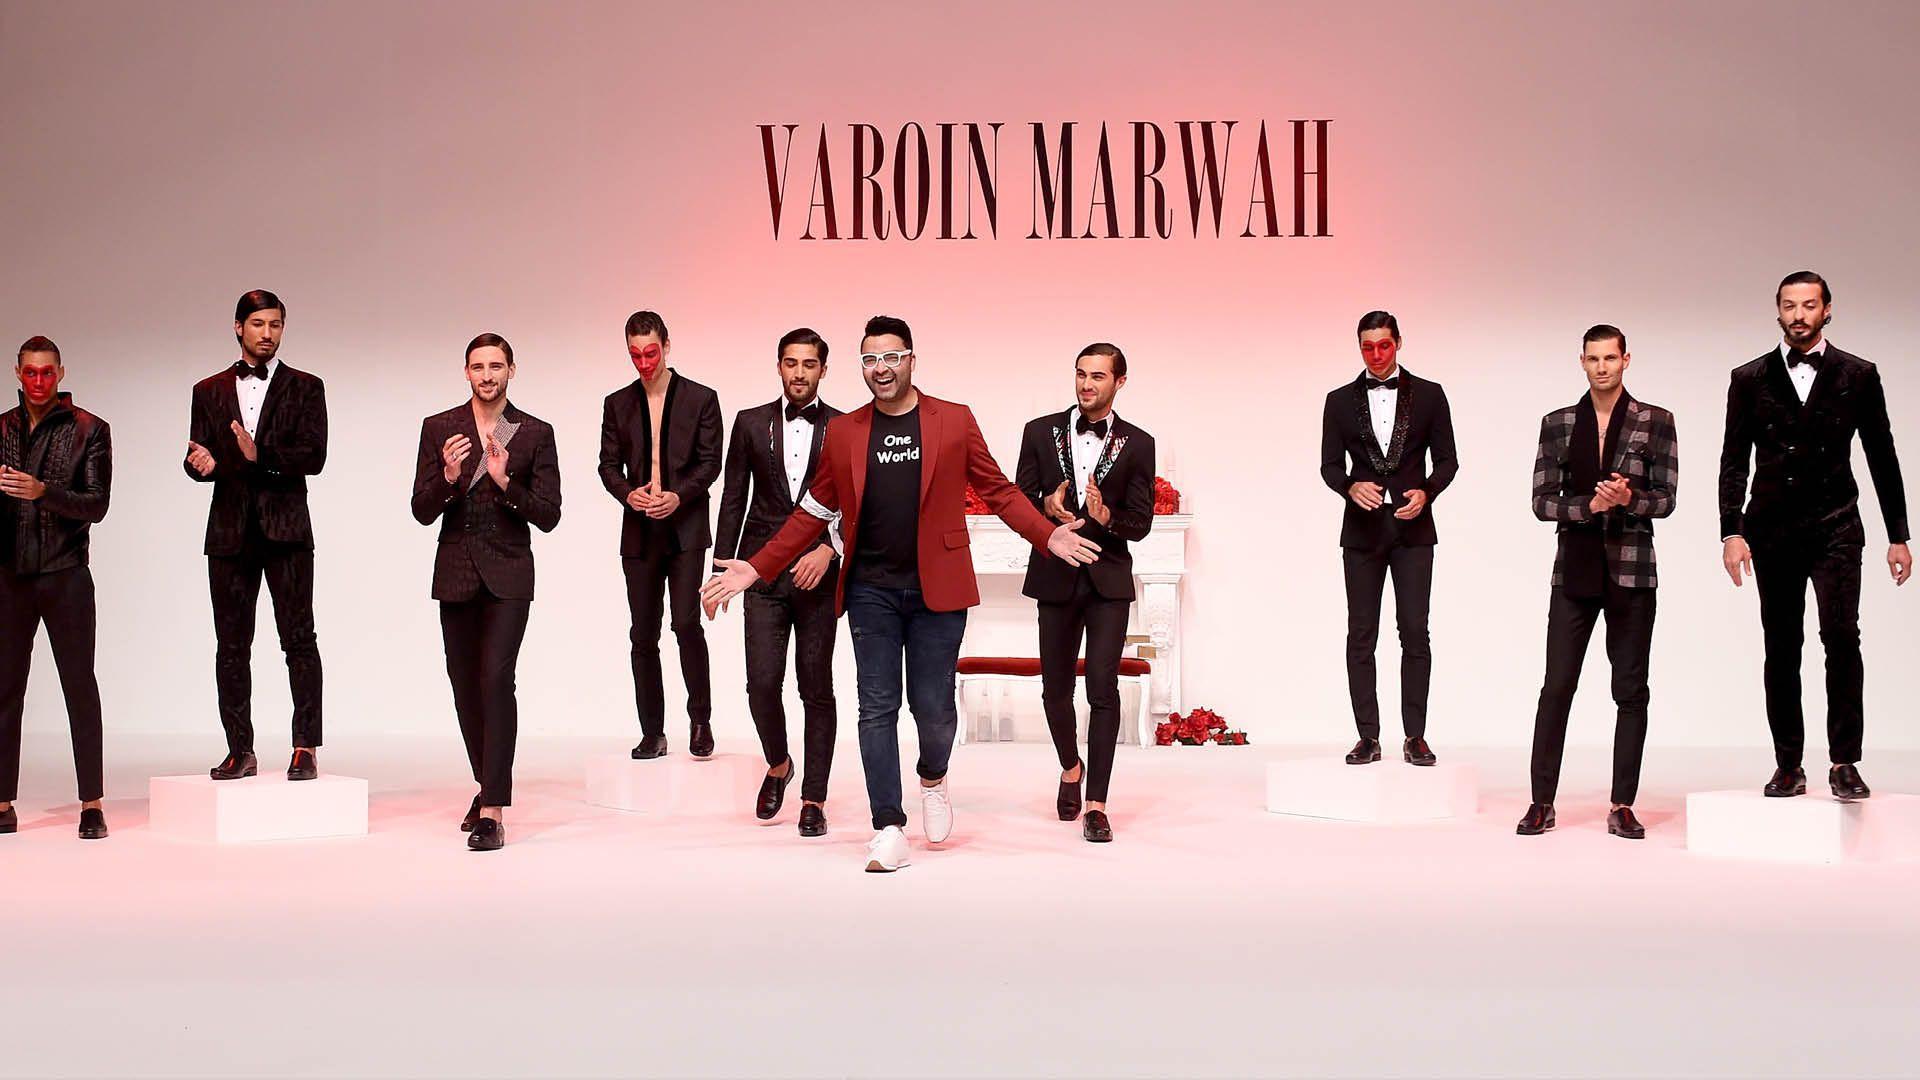 Varion Marwah